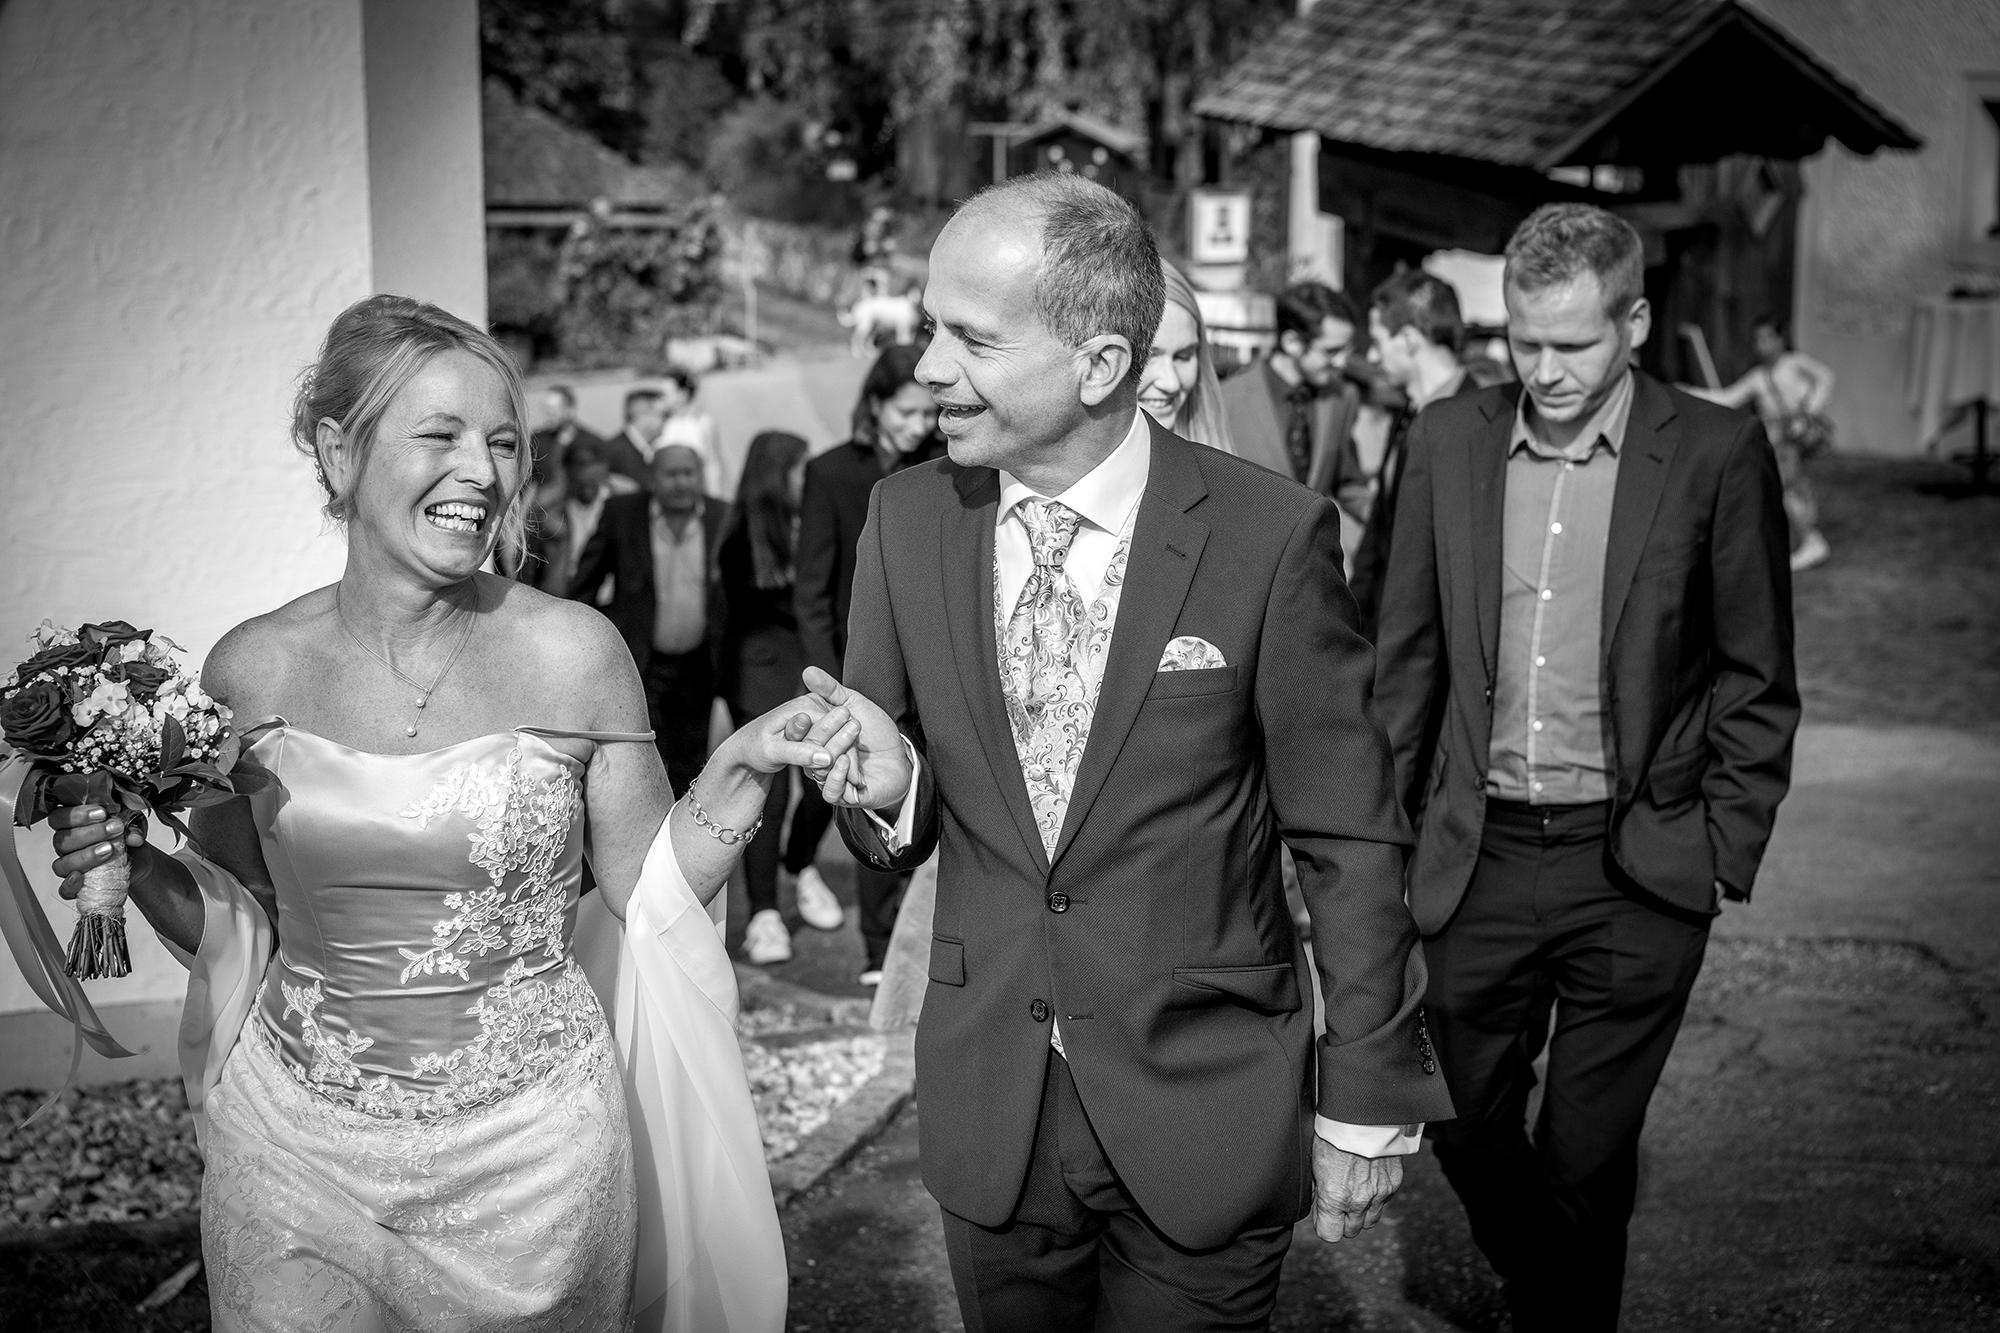 HochzeitWarnecke©erblehner.com-0365